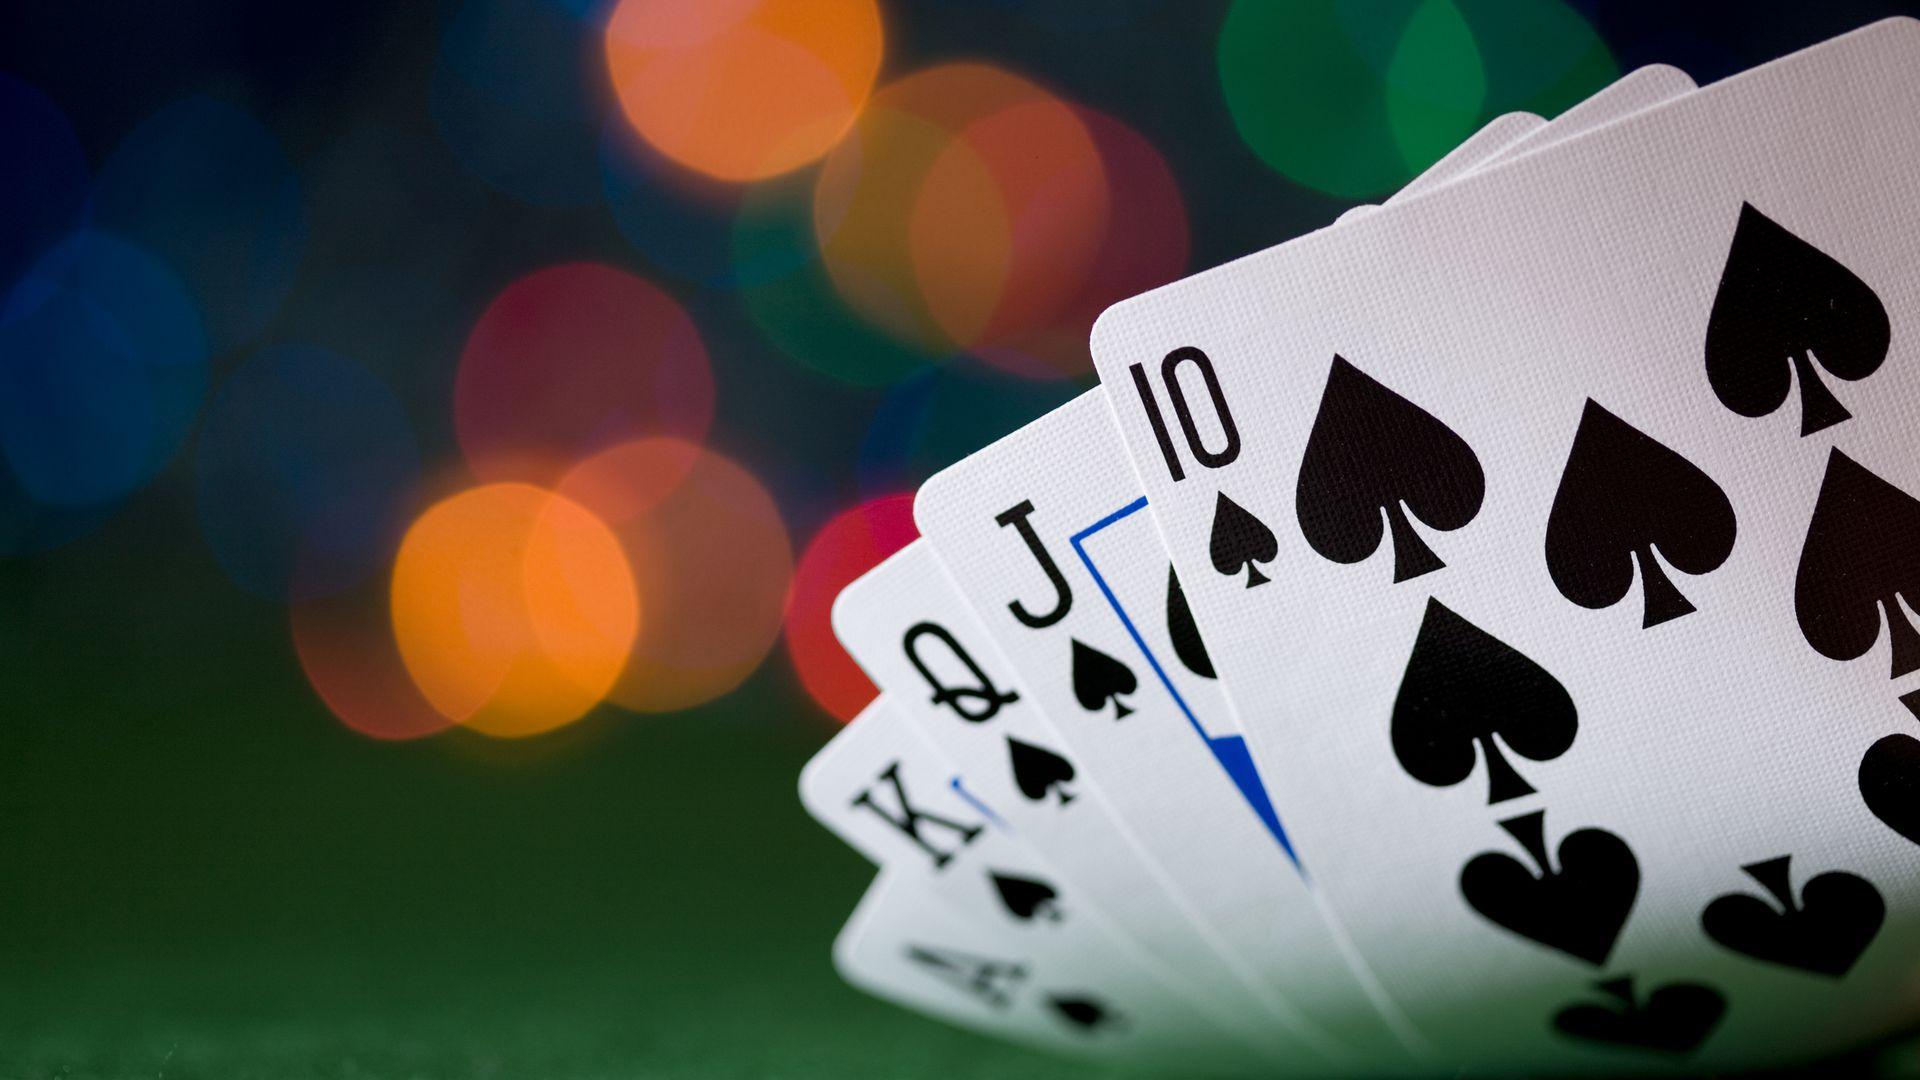 kazino kārtis